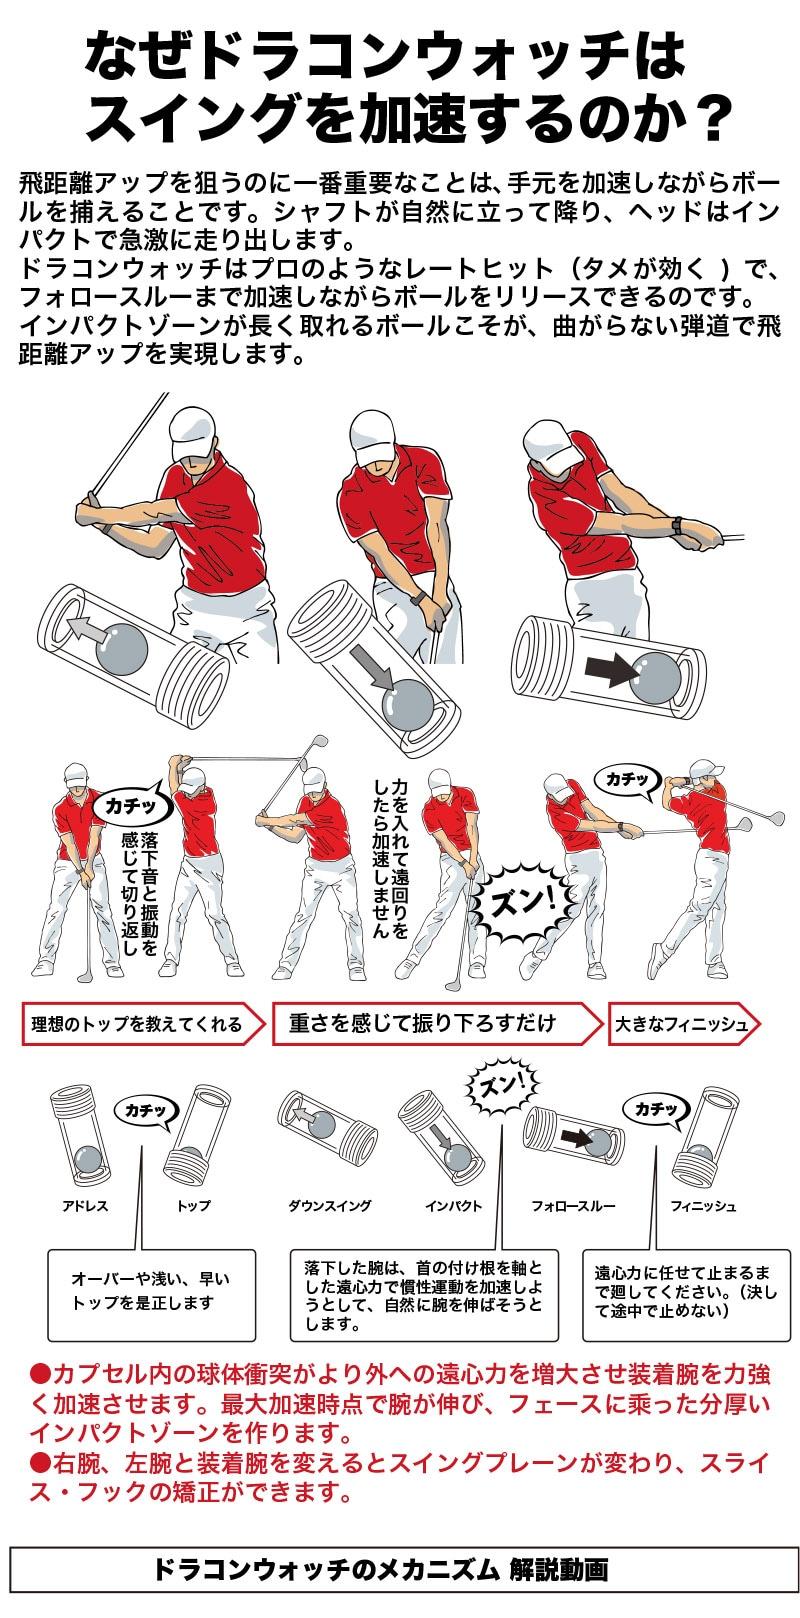 ゴルフスイング加速のメカニズム